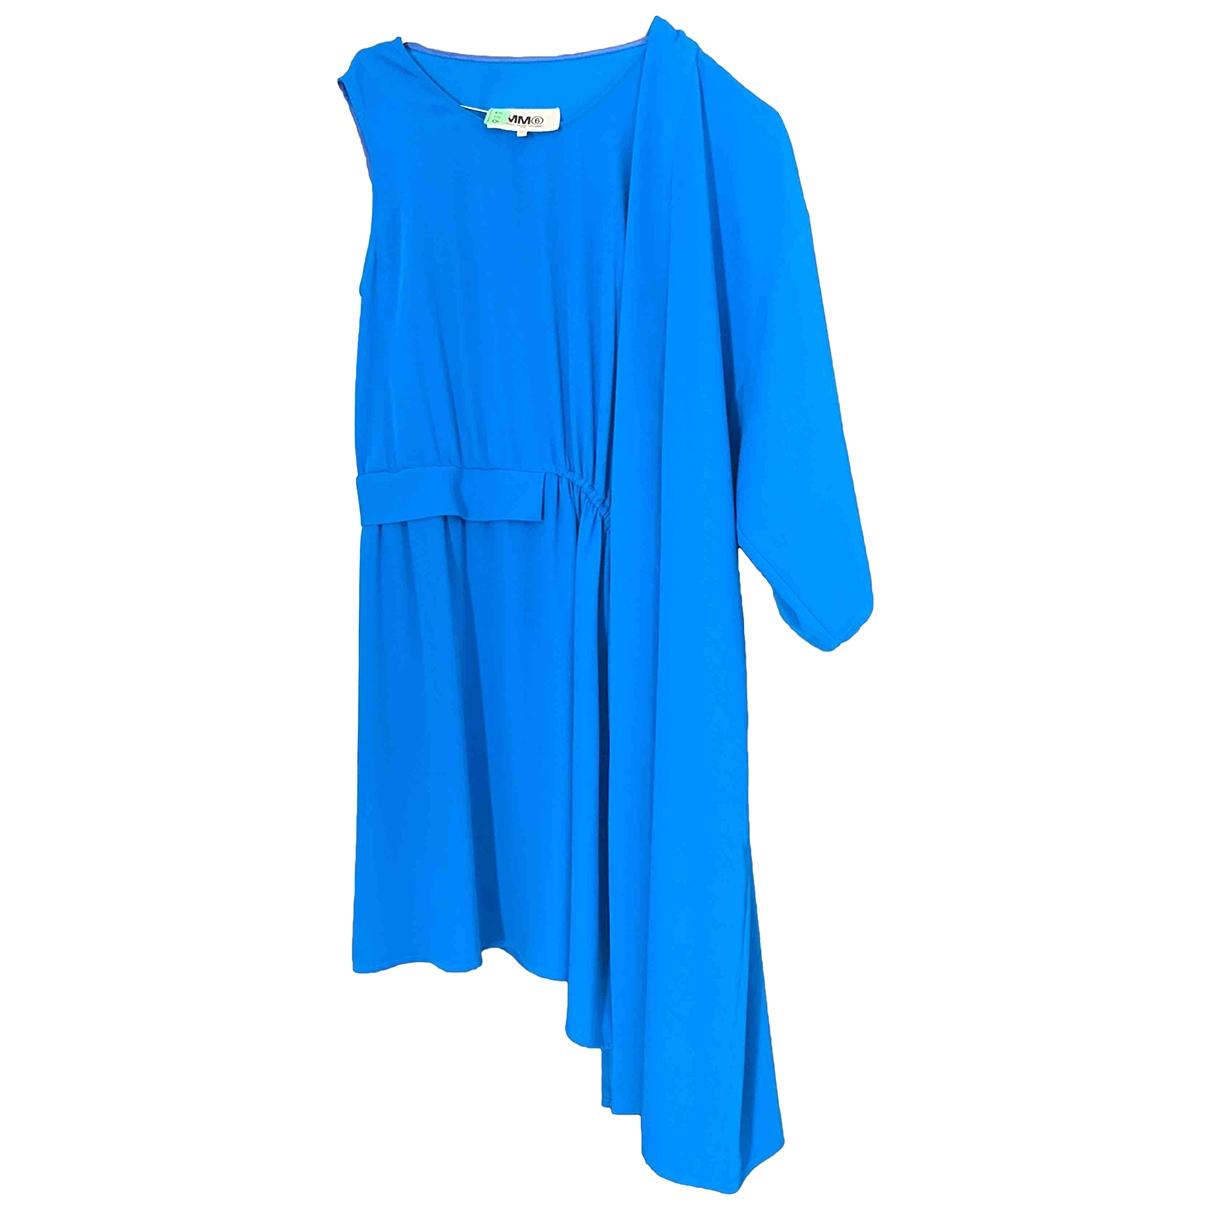 Mm6 \N Kleid in  Blau Polyester